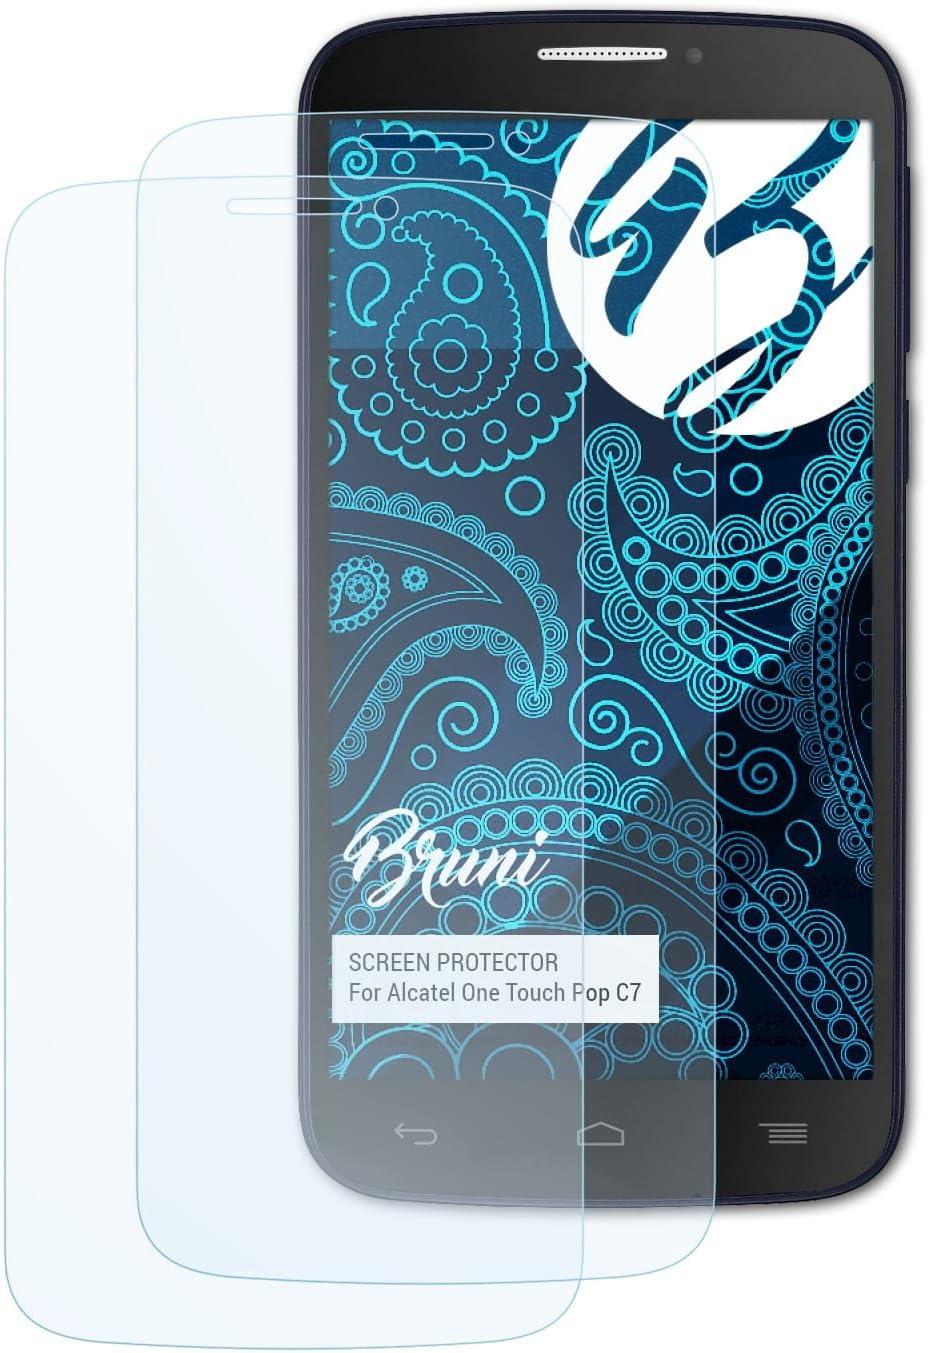 Bruni Película Protectora para Alcatel One Touch Pop C7 Protector Película, Claro Lámina Protectora (2X): Amazon.es: Electrónica